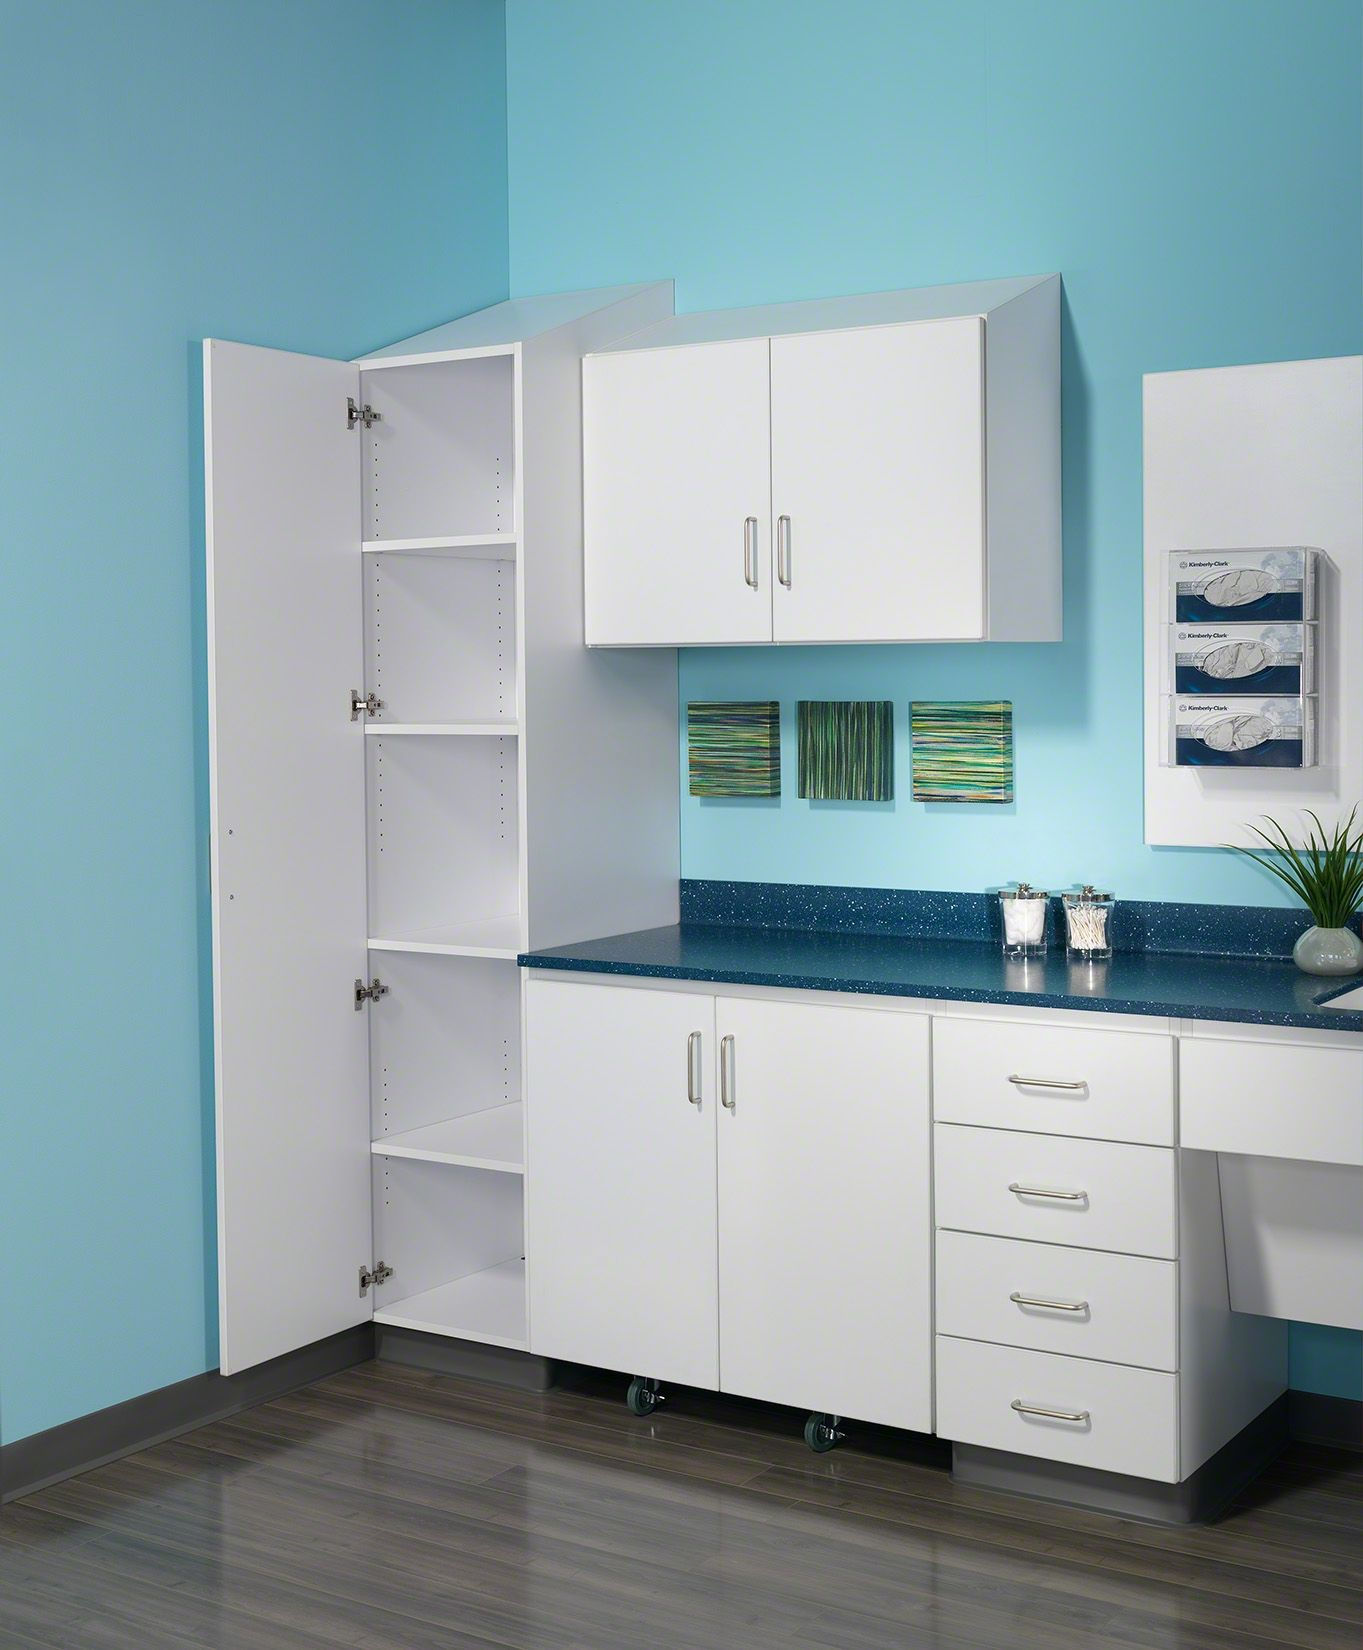 Healthcare Cabinet Storage Folio By Nurture Storage Cabinets Cabinet Kitchen Cabinets